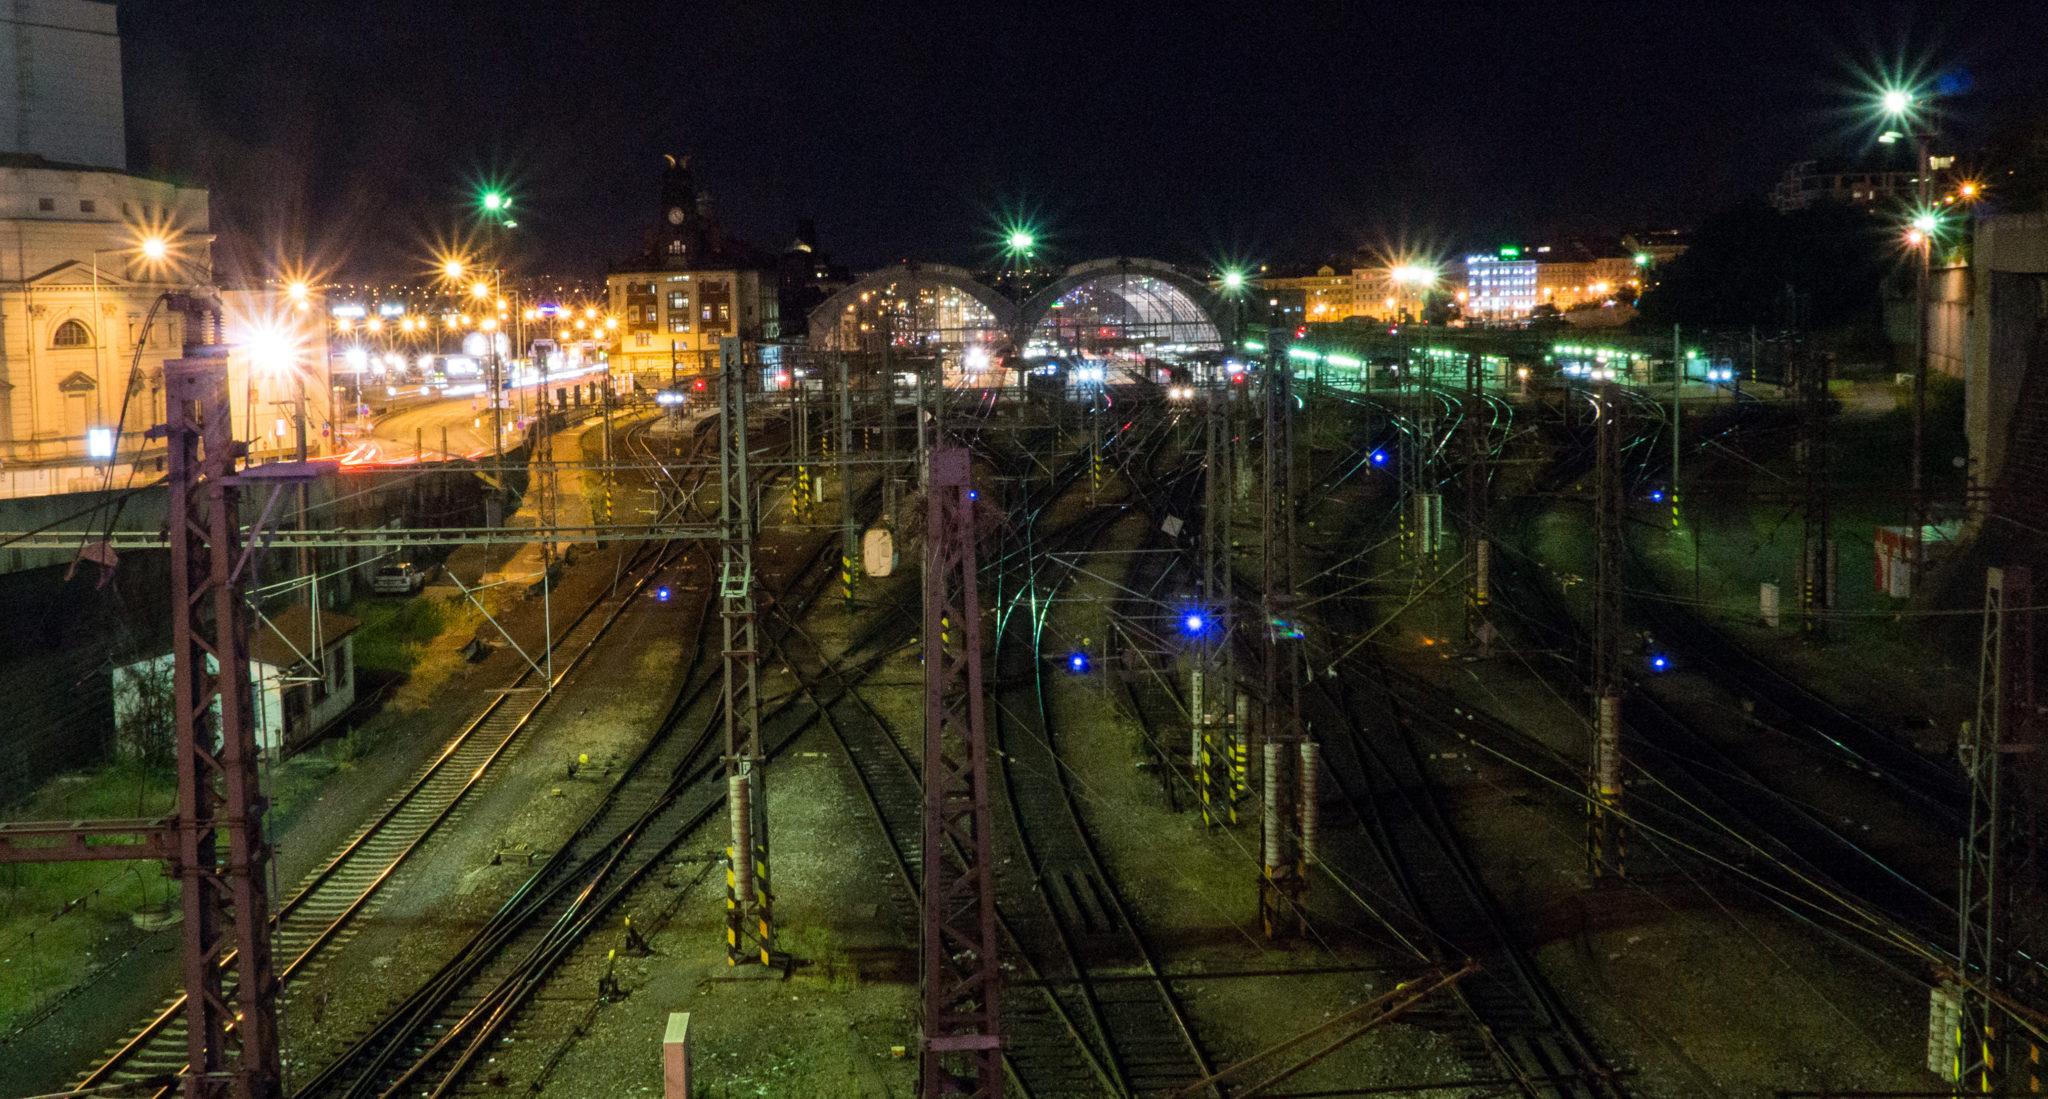 La Stazione Centrale di Praga